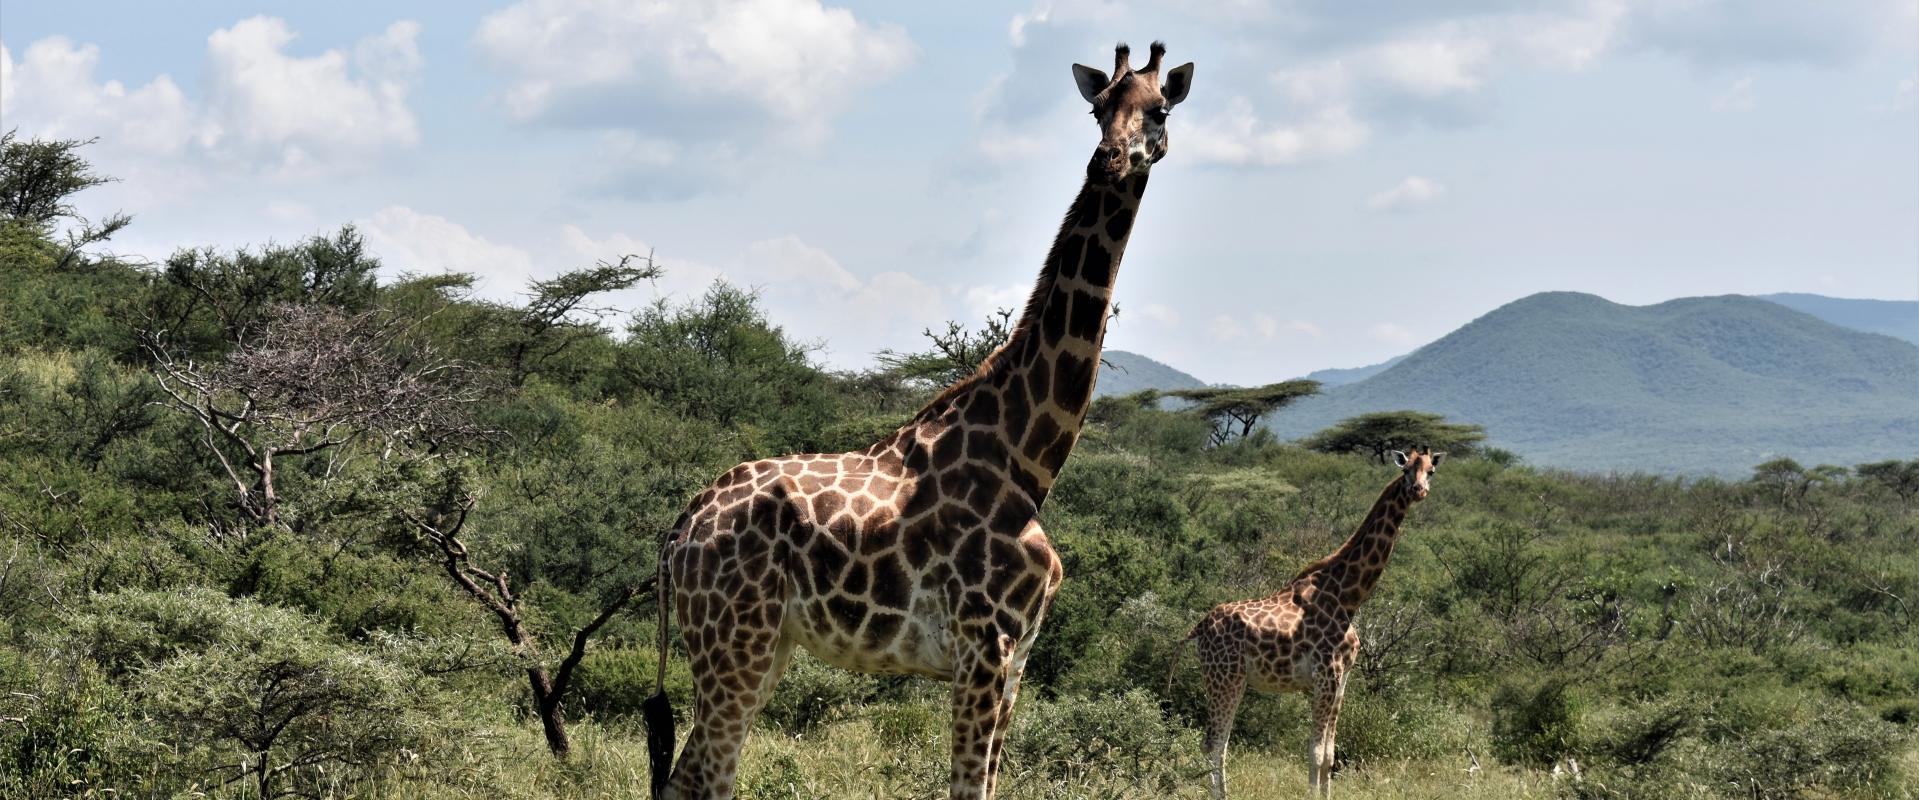 giraffa foresta Kenya Mani Tese 2017